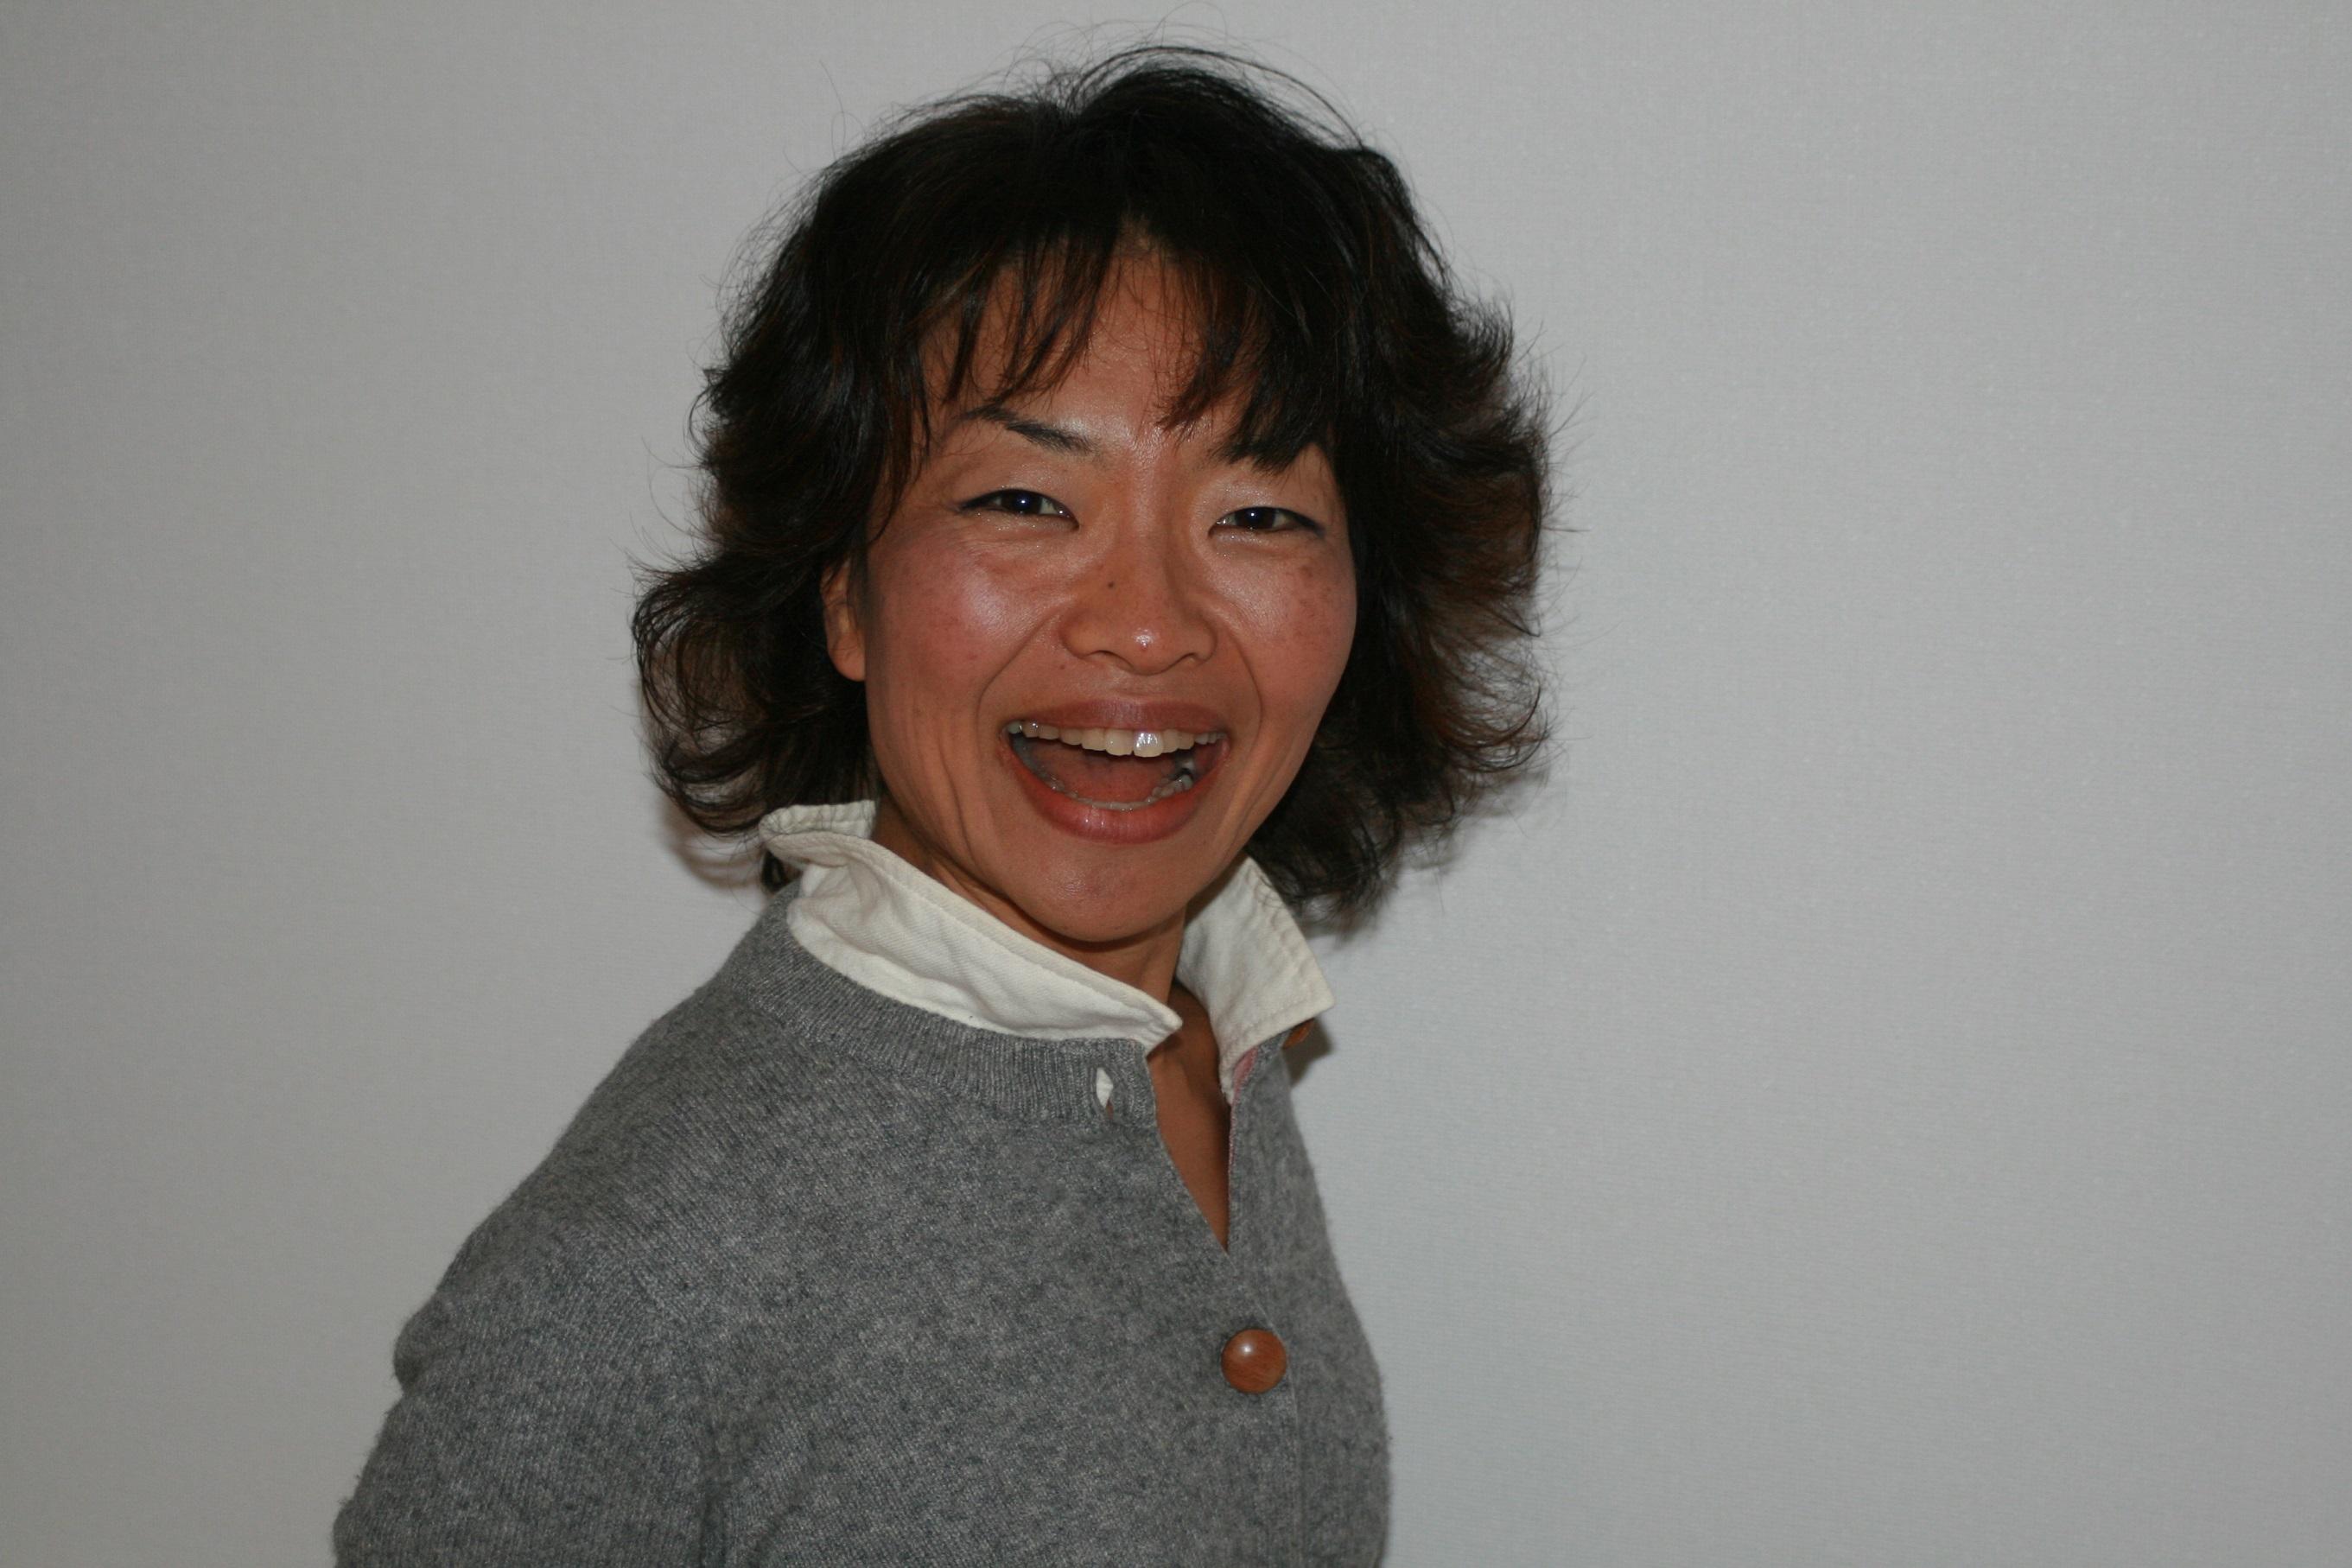 ドゥミルネサンス目黒 - 廣瀬 雅美(ヒロセ マサミ)さんの写真